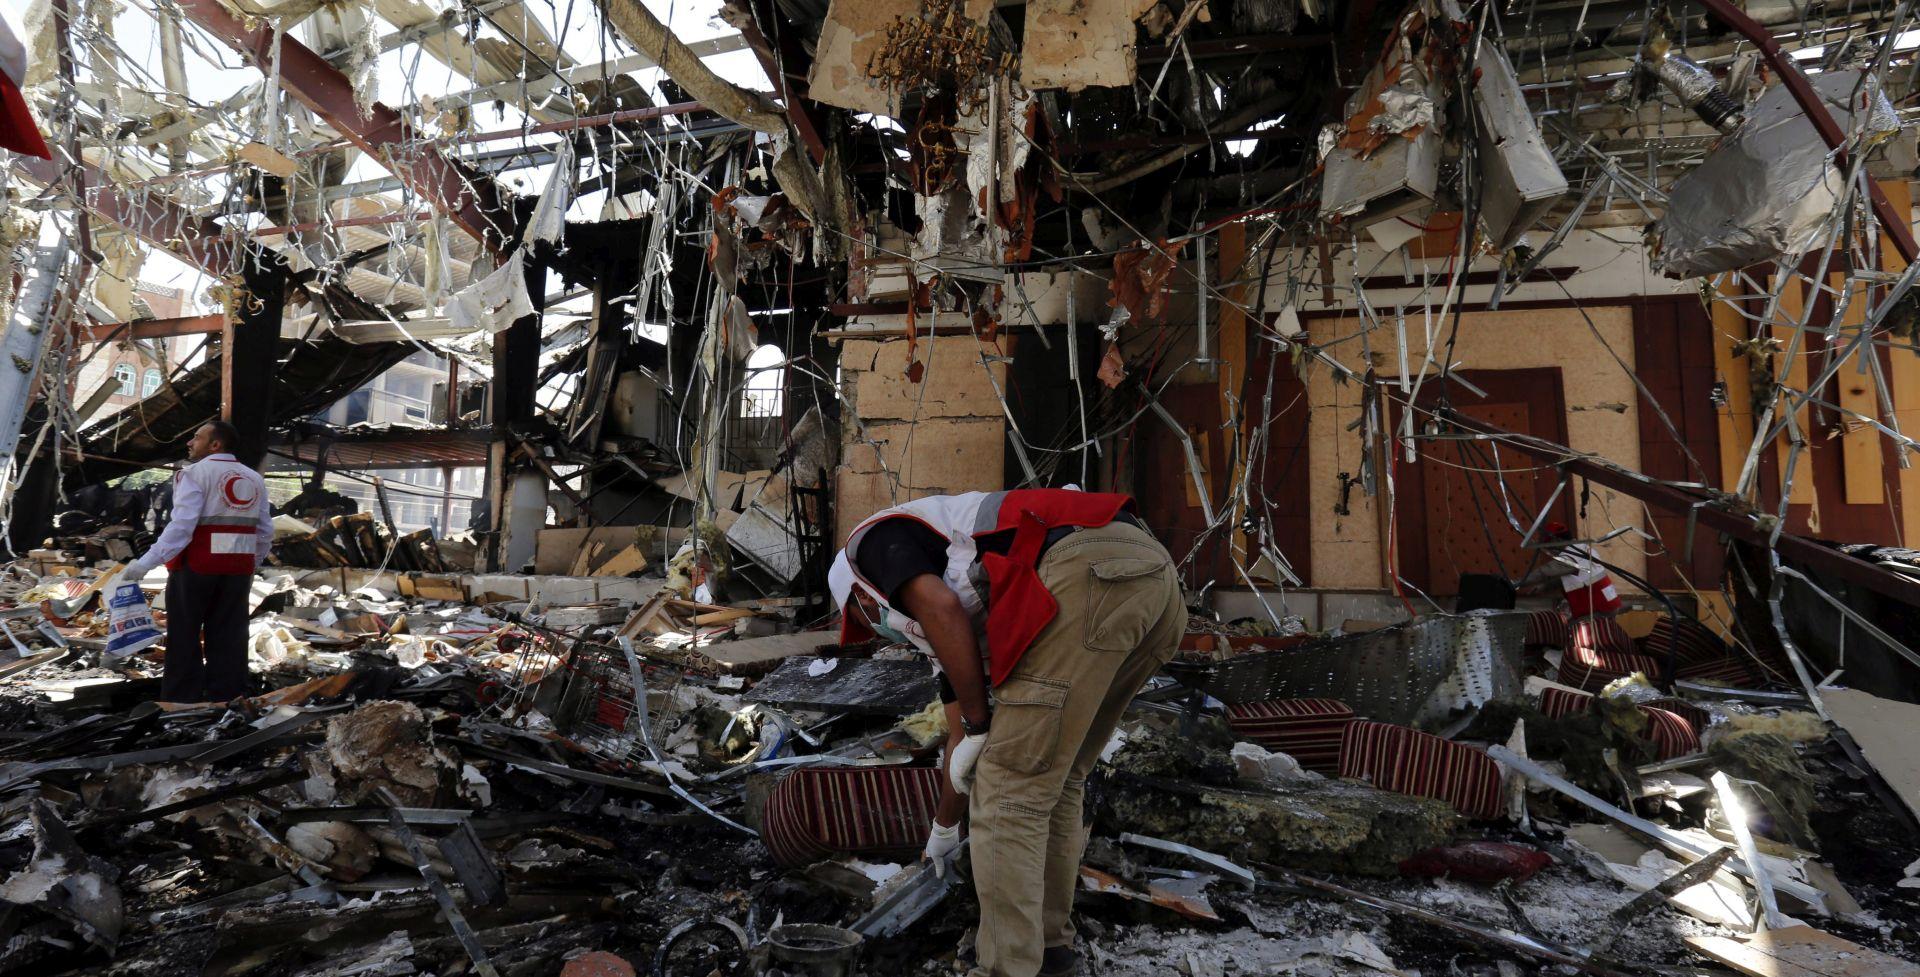 VIŠE OD 140 POGINULIH Napad na sprovod u Jemenu izvela Saudijska Arabija